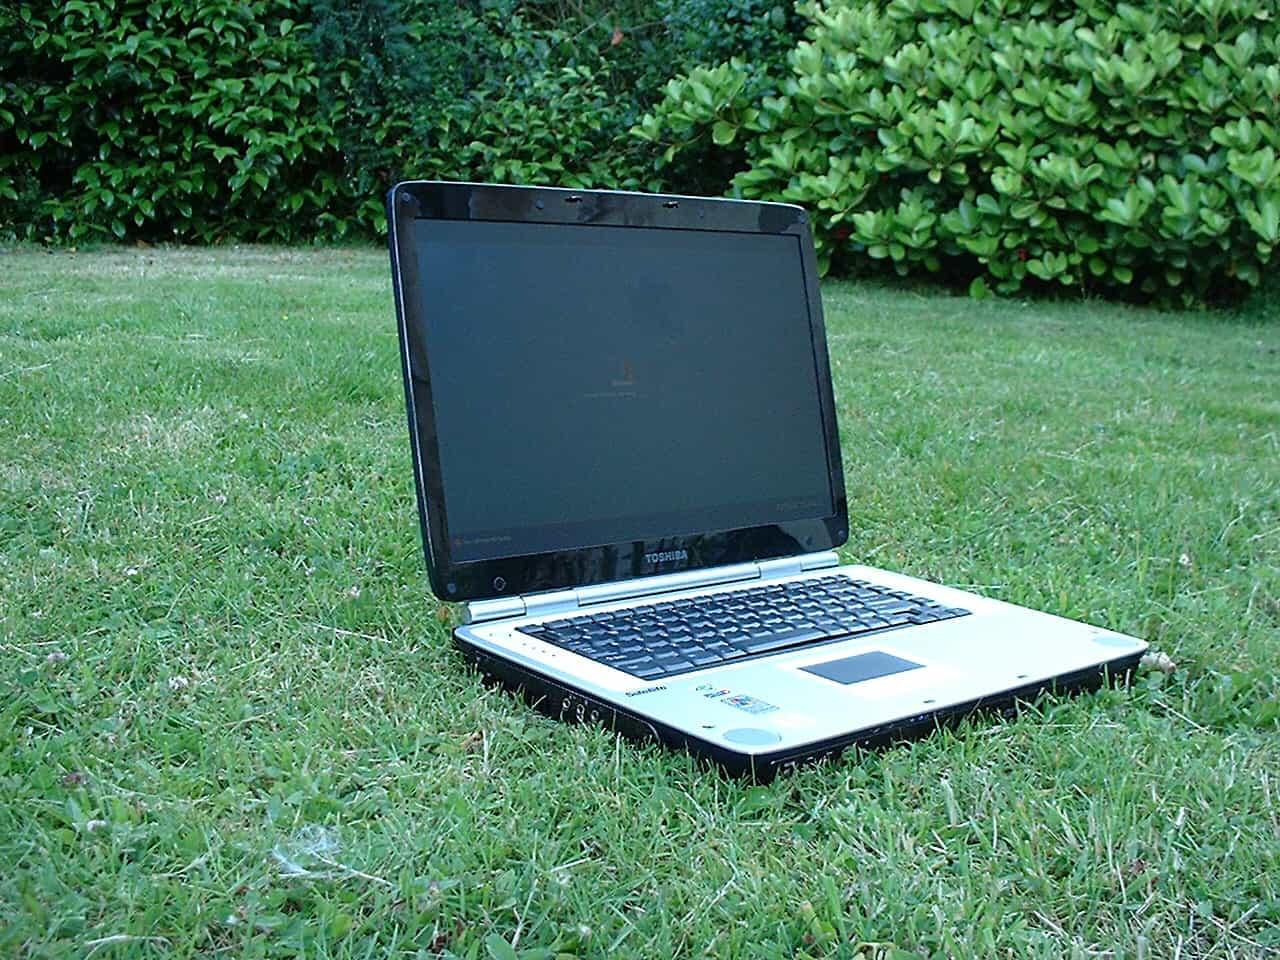 Imagem do computador